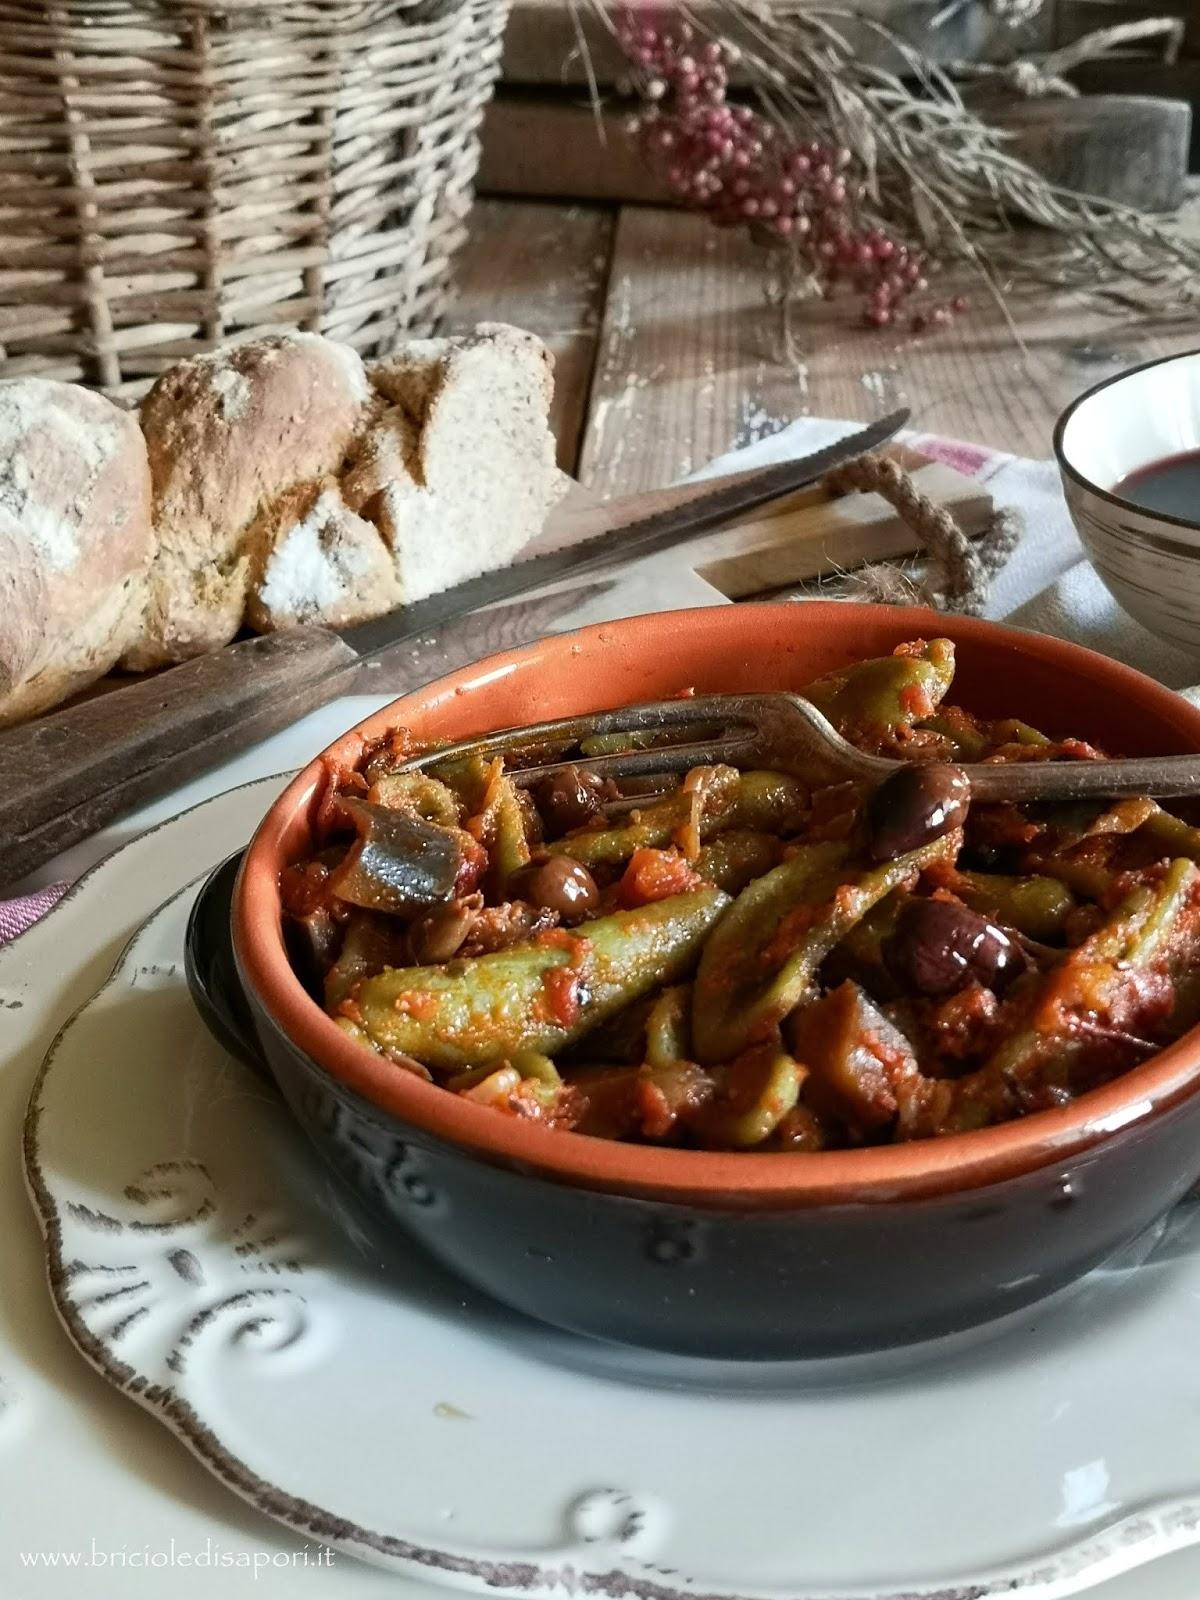 foglie d'ulivo al sugo di pomodoro melanzane e olive taggiasche